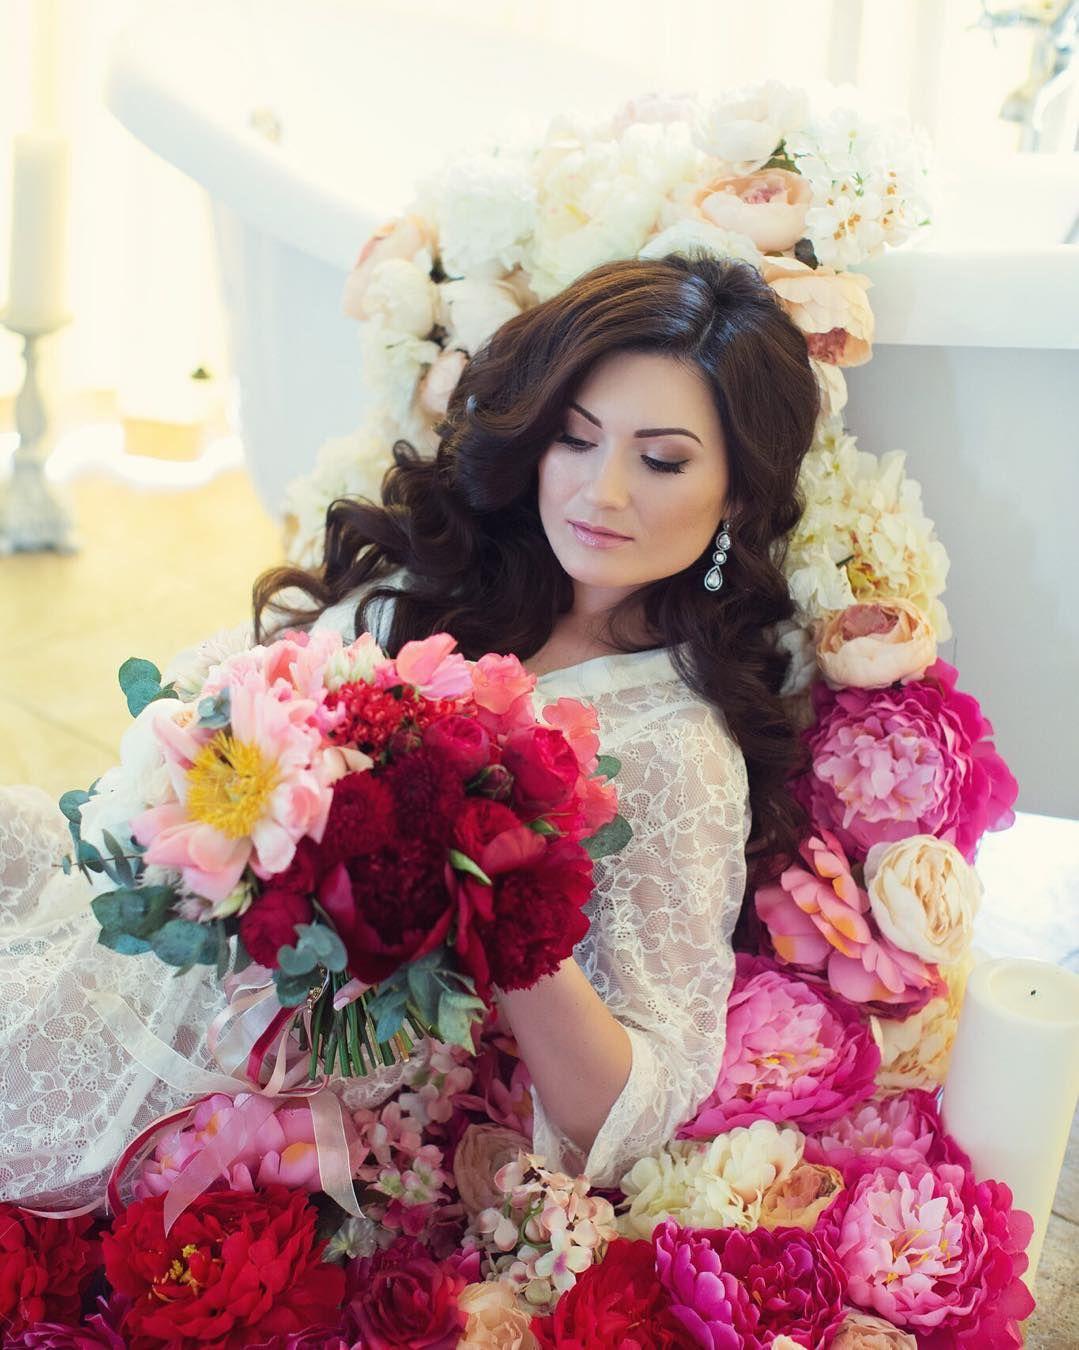 Еще одна свадьба и закрою июнь прекрасная невеста Таня организация @aledjia_wedding @kirillevent muah @sasha_murzich декор @polly_suhareva by lena_kozhina